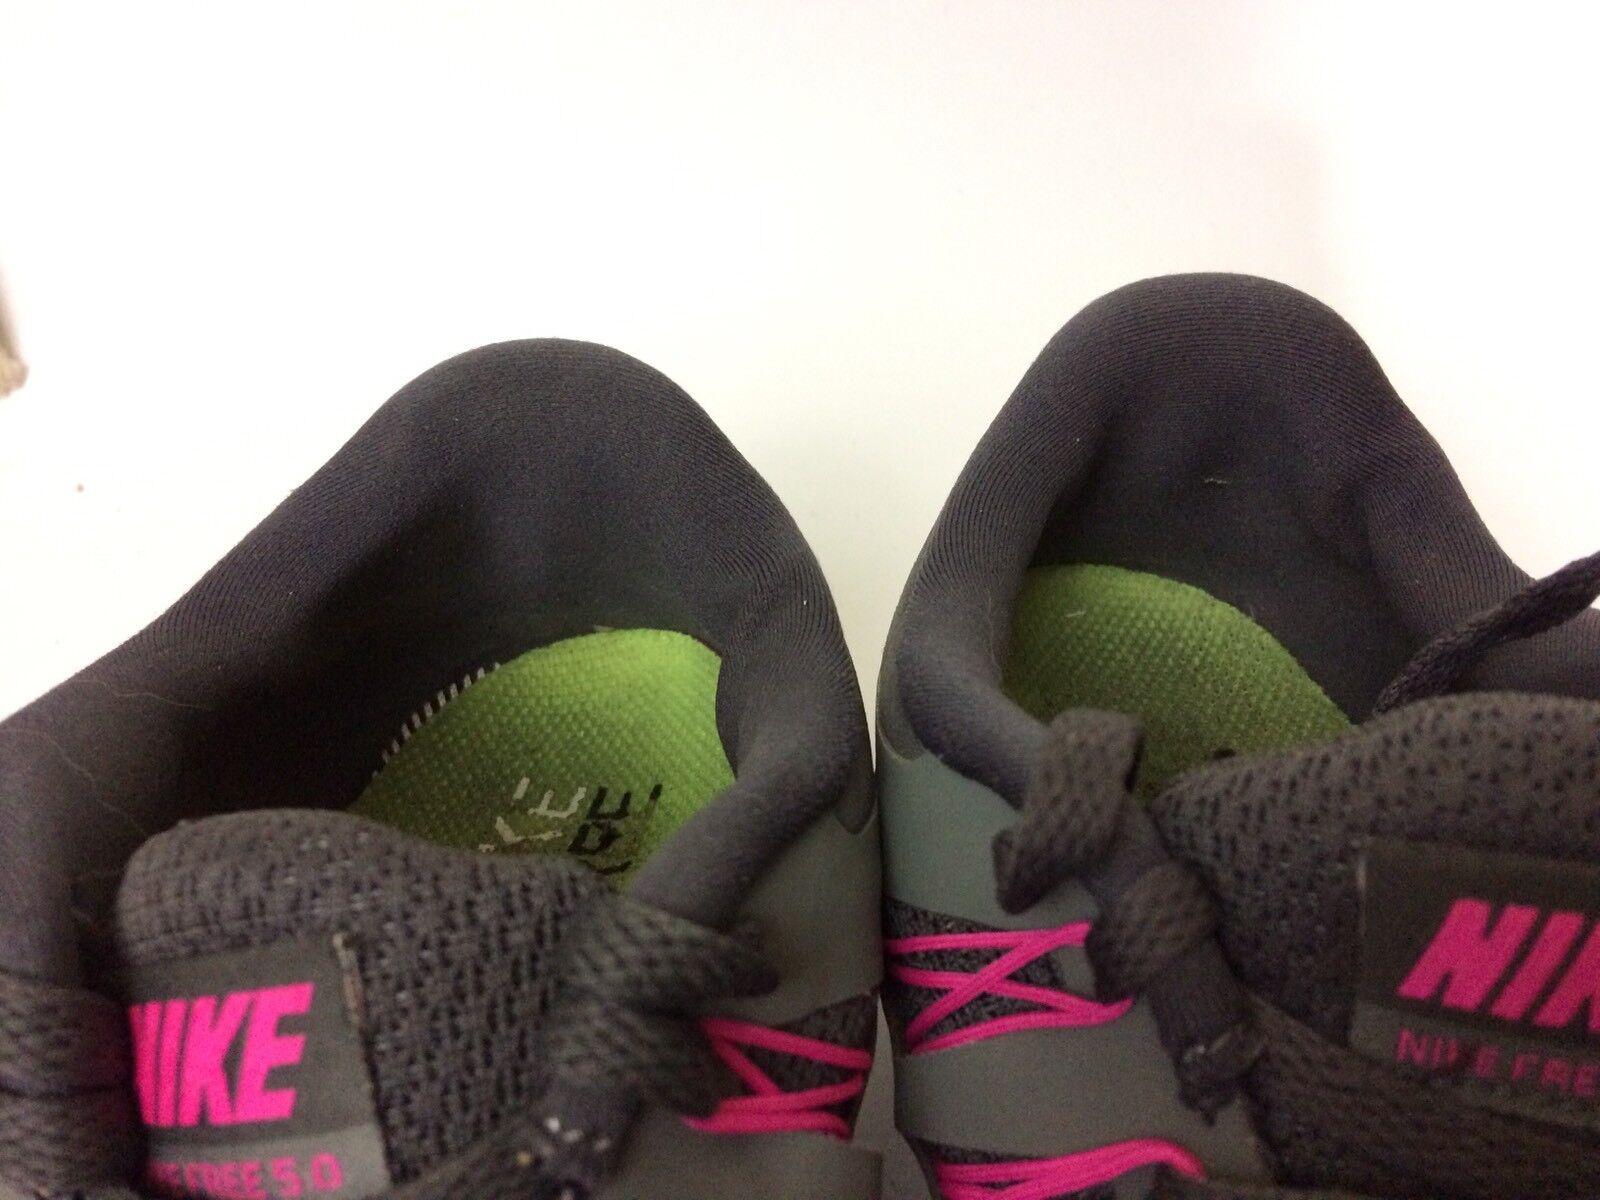 new product 56ecd deb8d ... Nike Free RN Flyknit Women s Women s Women s Running Shoe 831070 404  Size 8.5 0fae89 ...